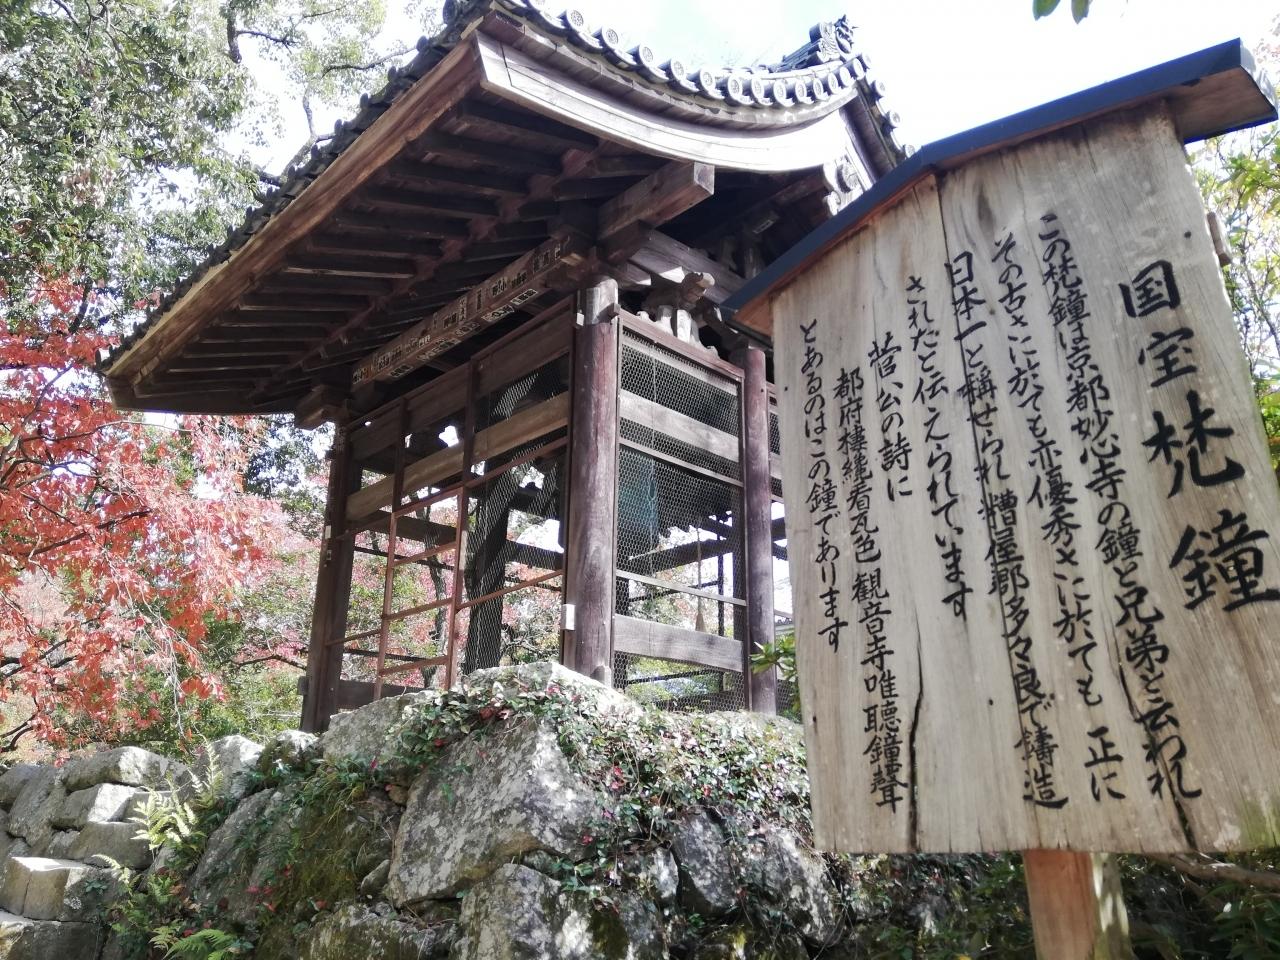 境内にある国宝の梵鐘